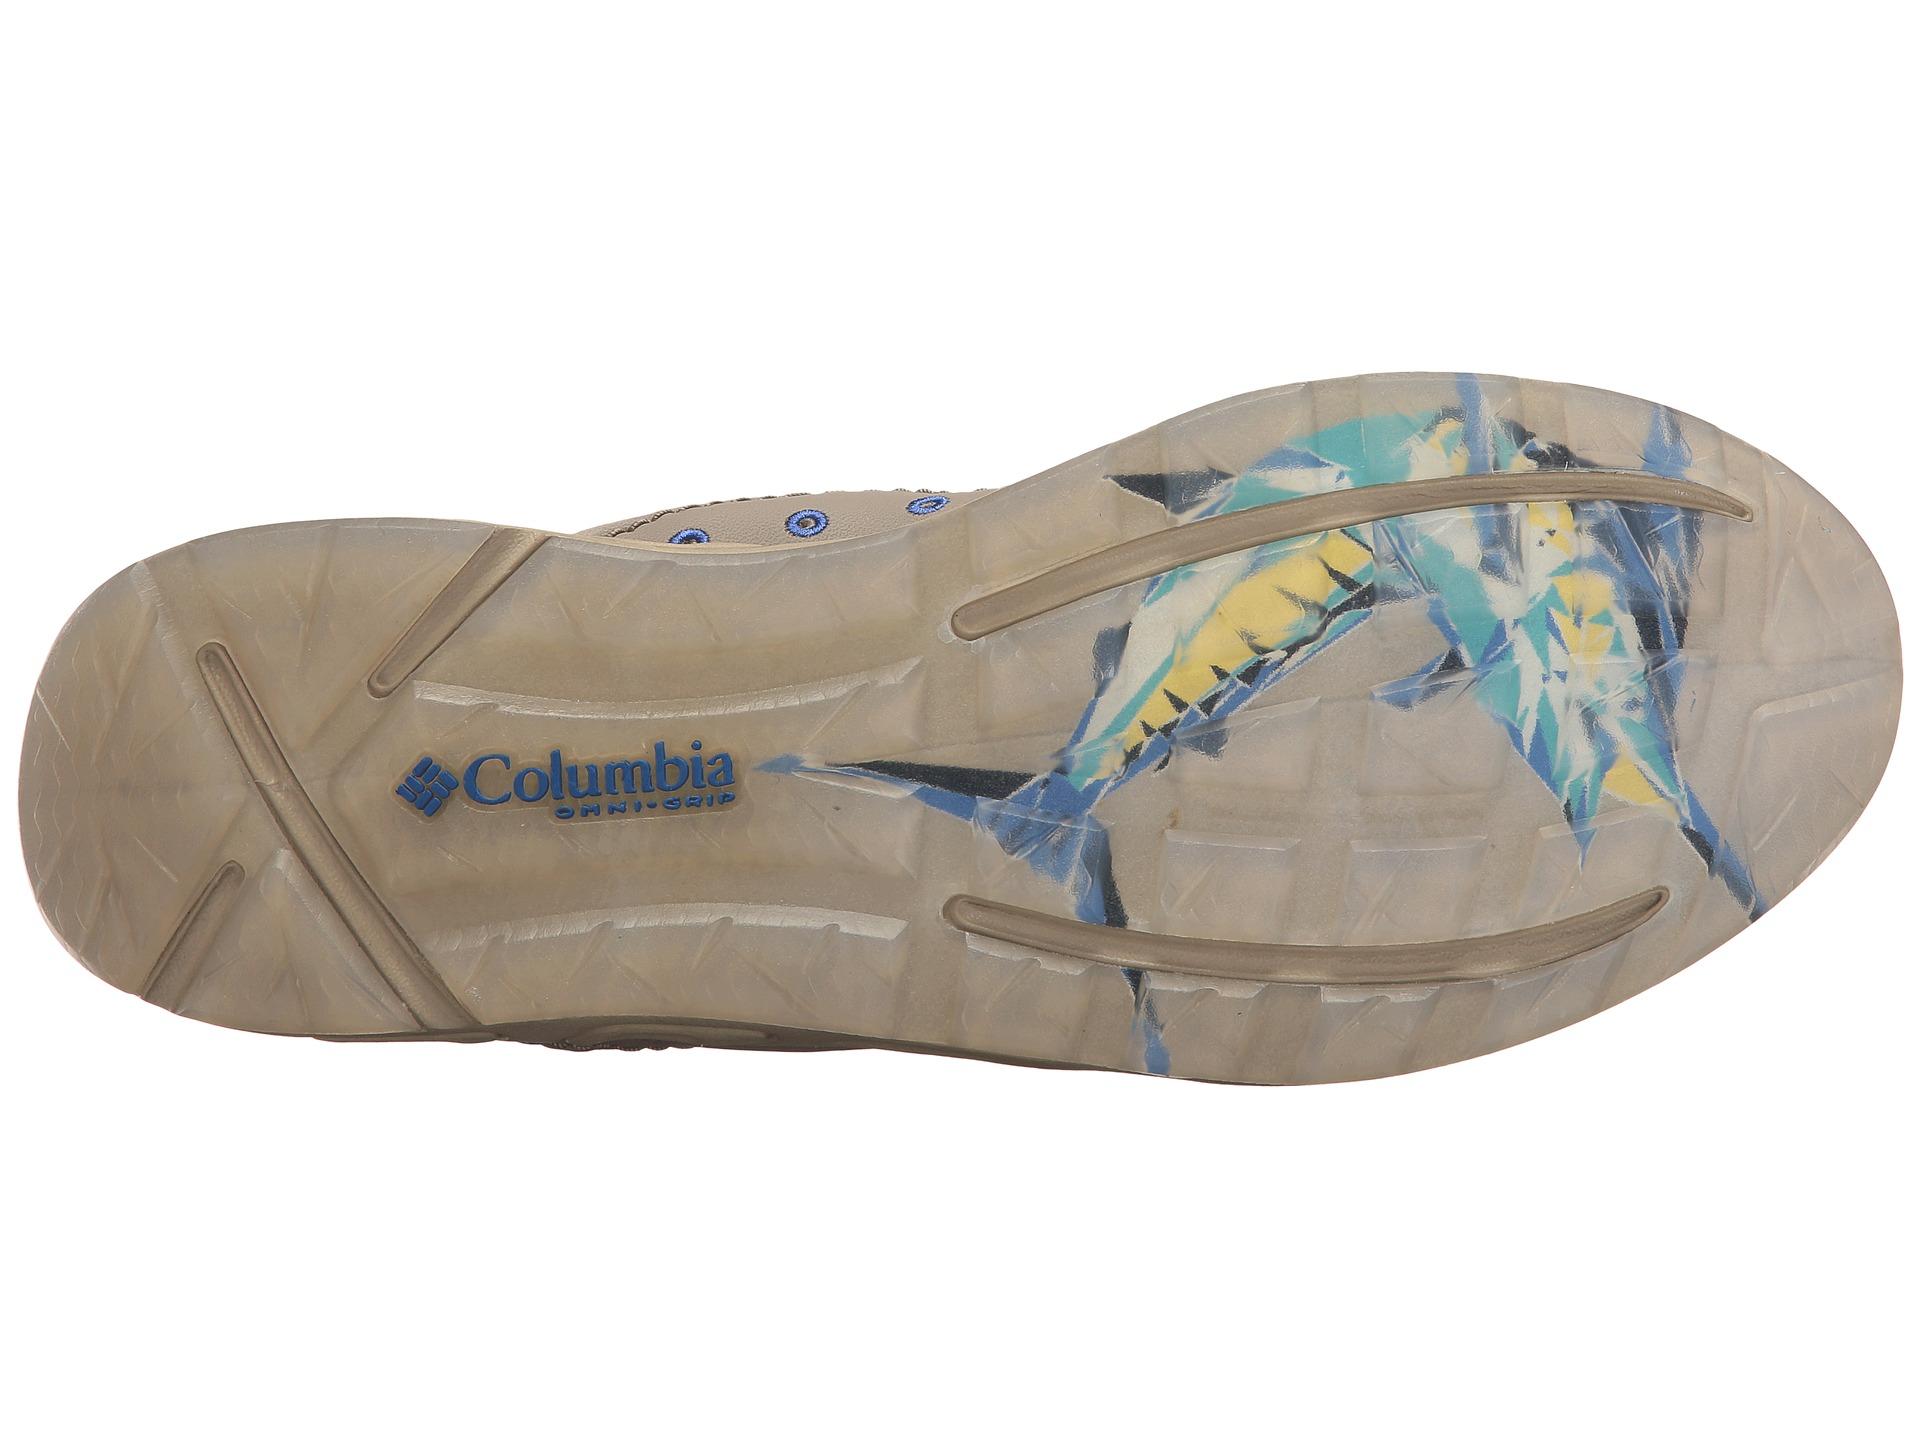 Columbia Bahama Vent Relaxed Marlin Pfg At Zappos Com